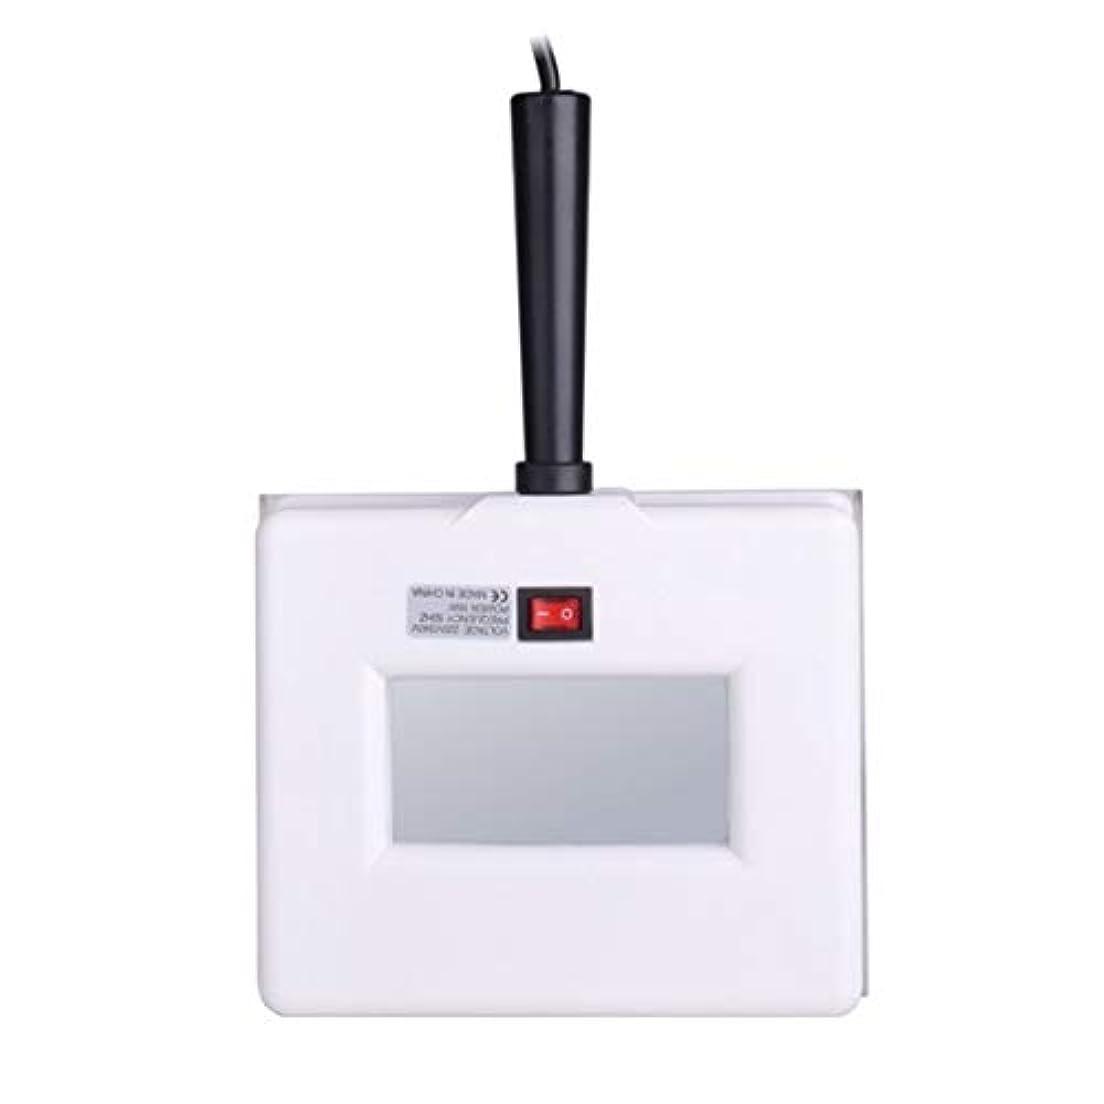 提案する横向きボルトIntercoreyランプスキンケアUVスキンテストライトウッドランプスキンアナライザープロウッドランプUV拡大美容フェイシャルデバイス